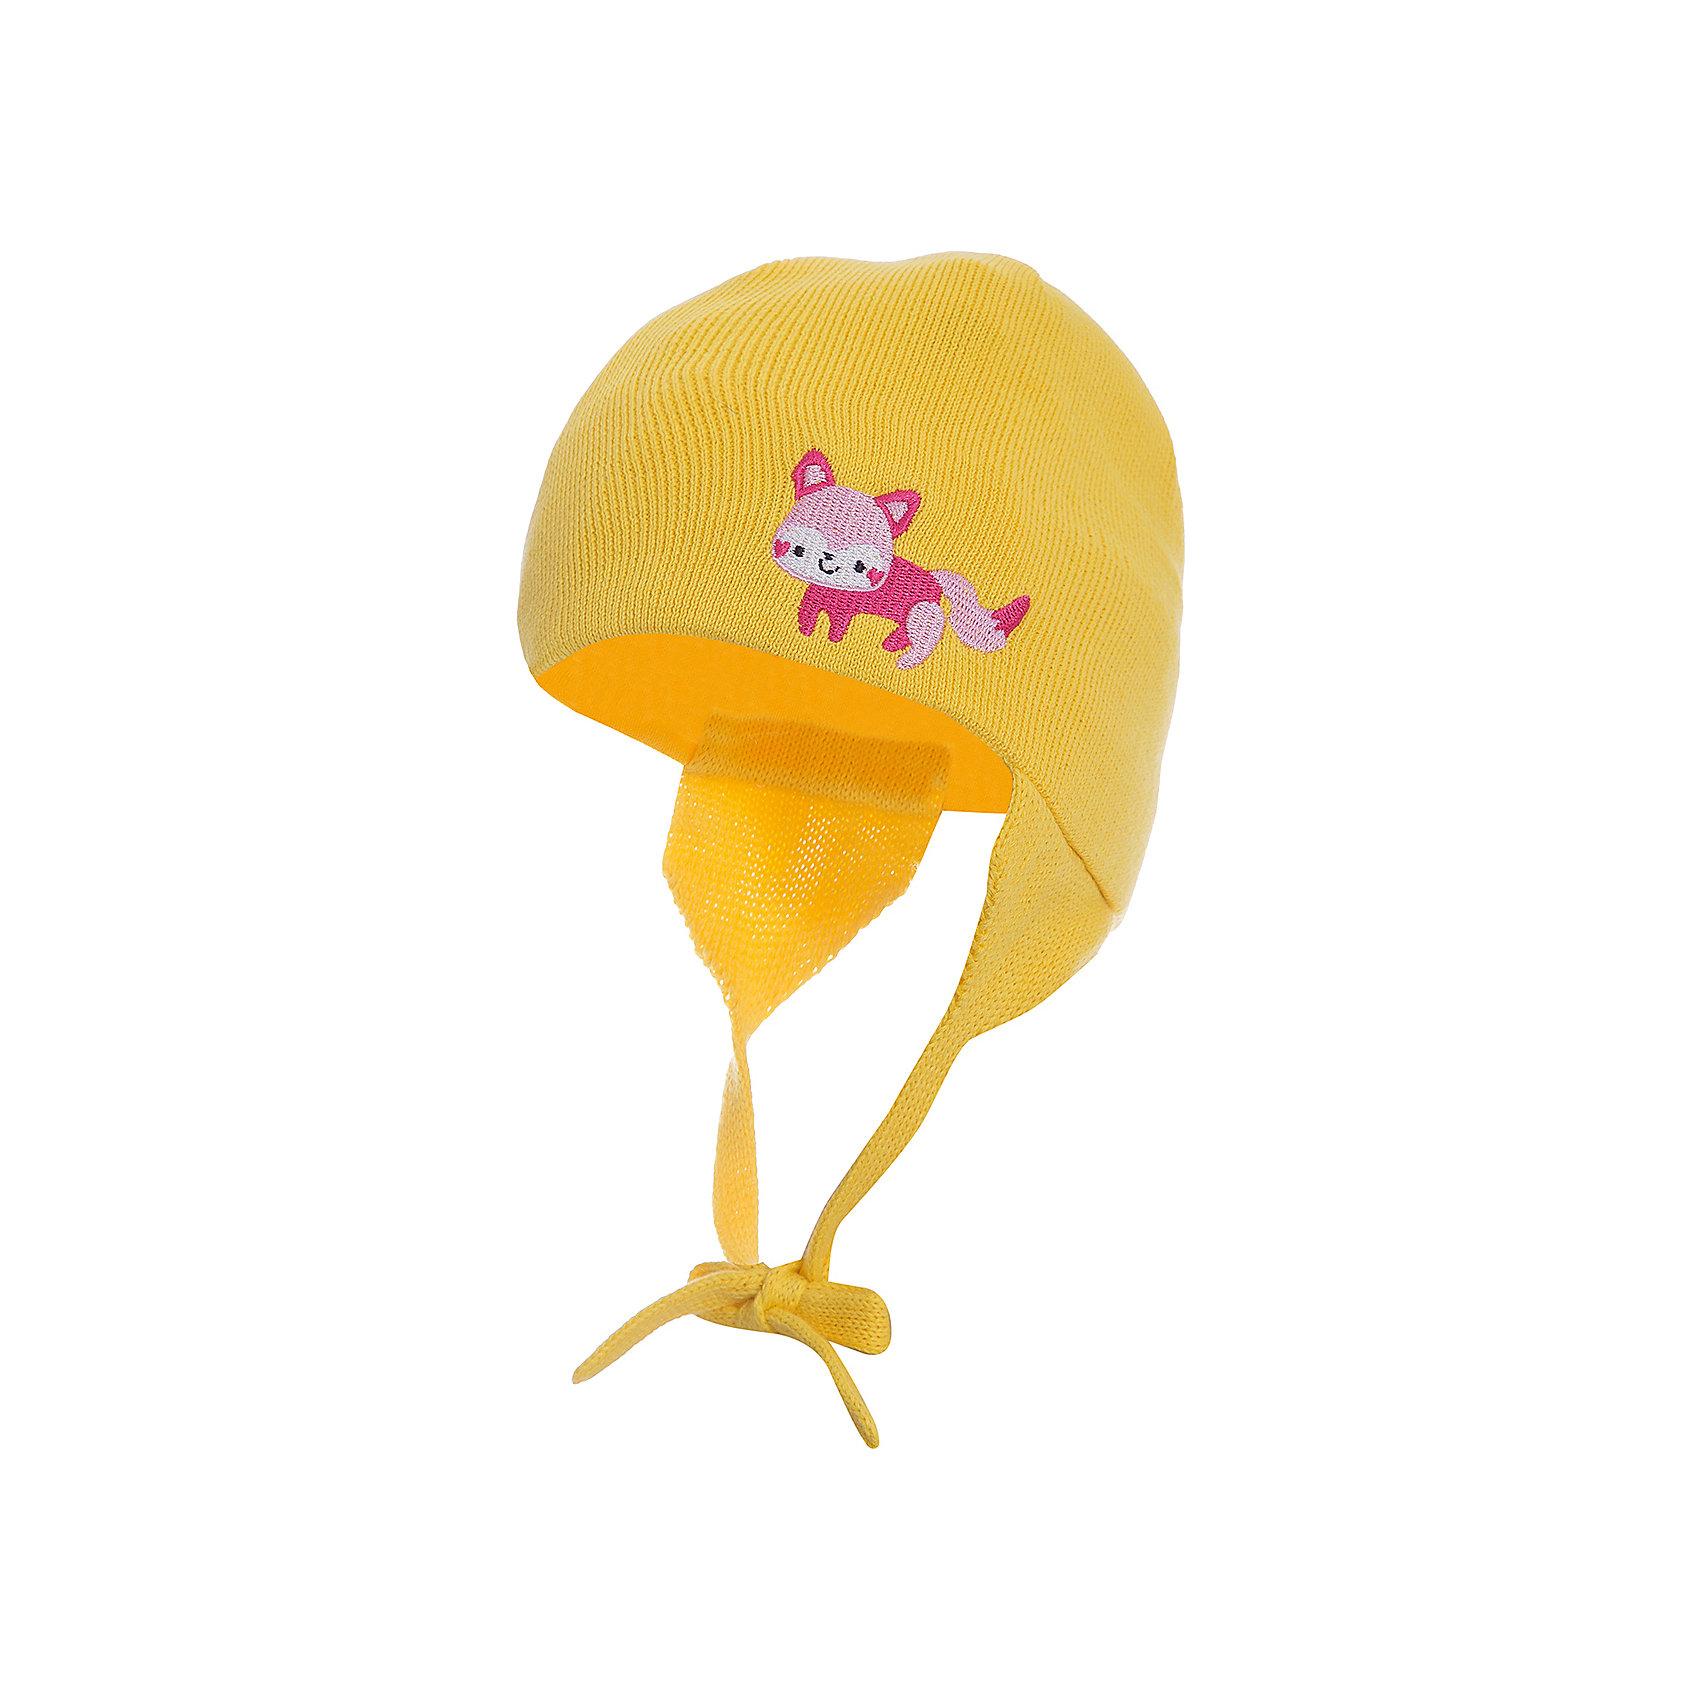 Шапка для девочки HuppaГоловные уборы<br>Хлопчатобумажная демисезонная шапка на завязках.<br><br>Дополнительная информация:<br><br>Демисезонная модель<br>Состав:100% хлопок<br><br>Шапку для девочки Huppa можно купить в нашем магазине.<br><br>Ширина мм: 89<br>Глубина мм: 117<br>Высота мм: 44<br>Вес г: 155<br>Цвет: желтый<br>Возраст от месяцев: 0<br>Возраст до месяцев: 6<br>Пол: Женский<br>Возраст: Детский<br>Размер: 39-43,51-53,47-49,43-45<br>SKU: 4595790